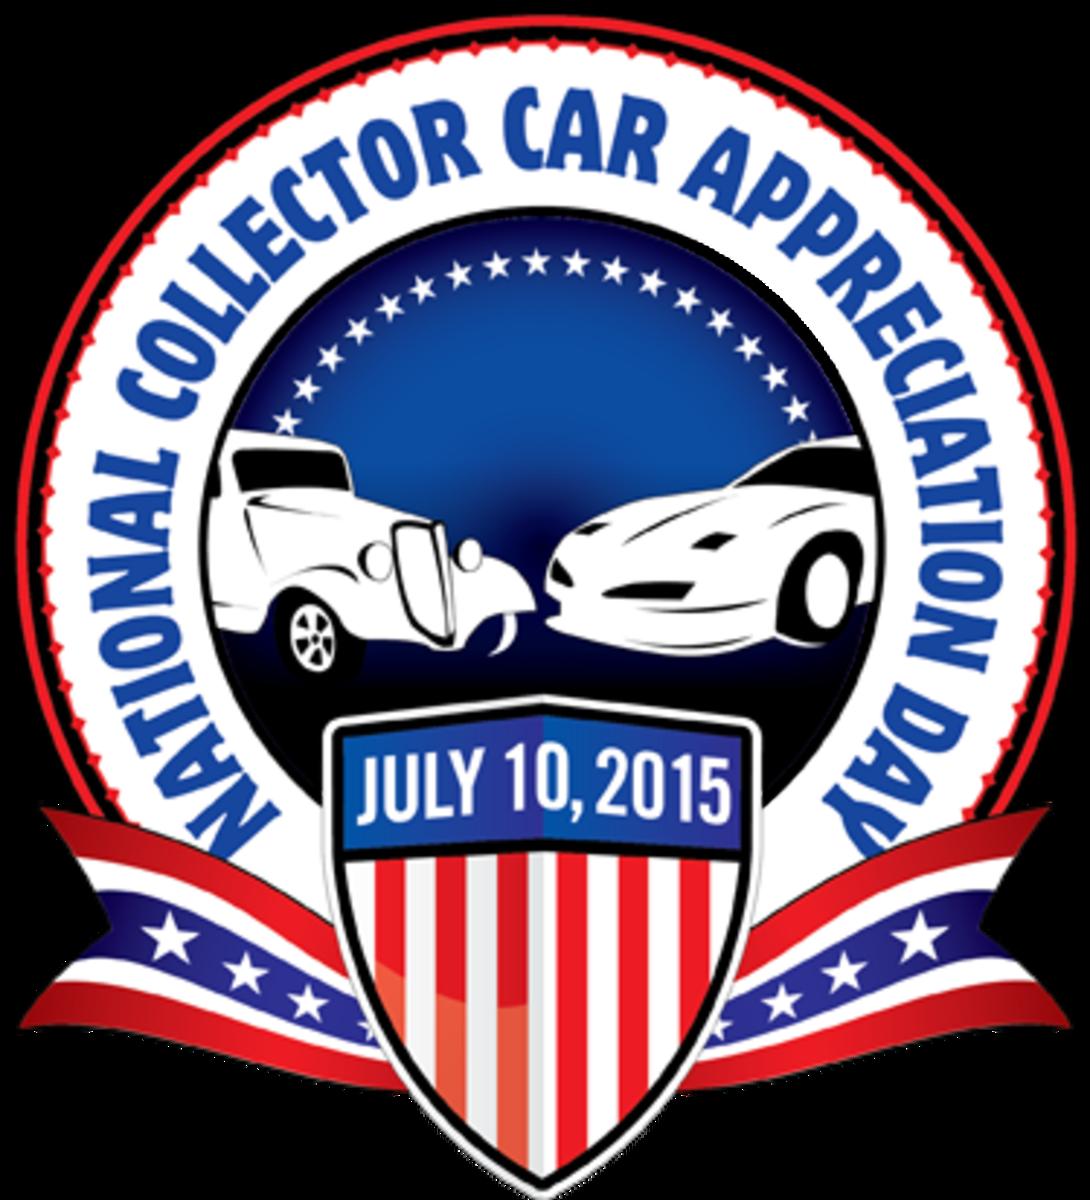 collector-car-appreciation-day-logo-png